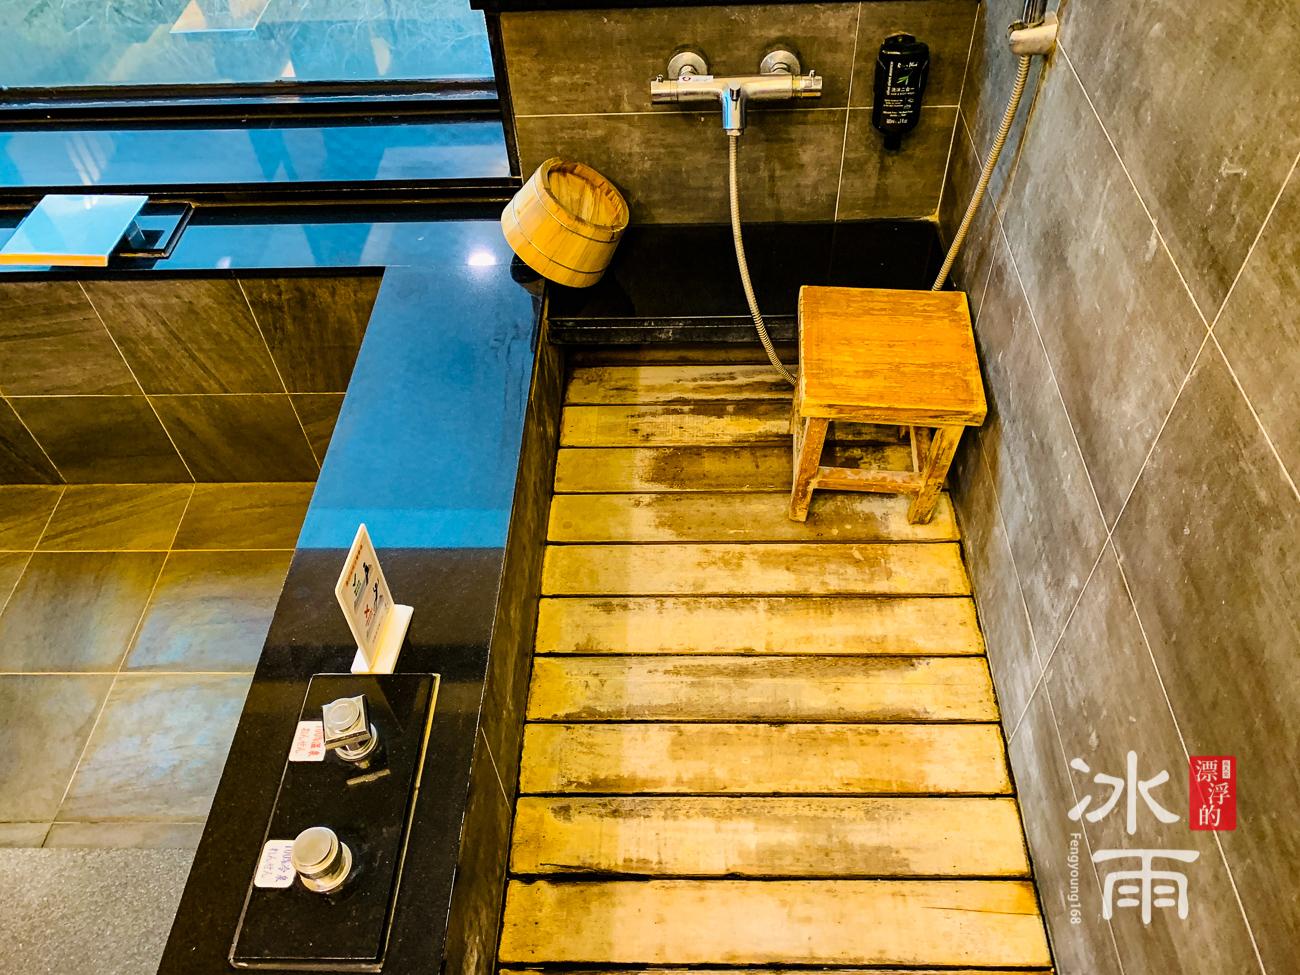 泰安湯悅溫泉會館|淋浴區